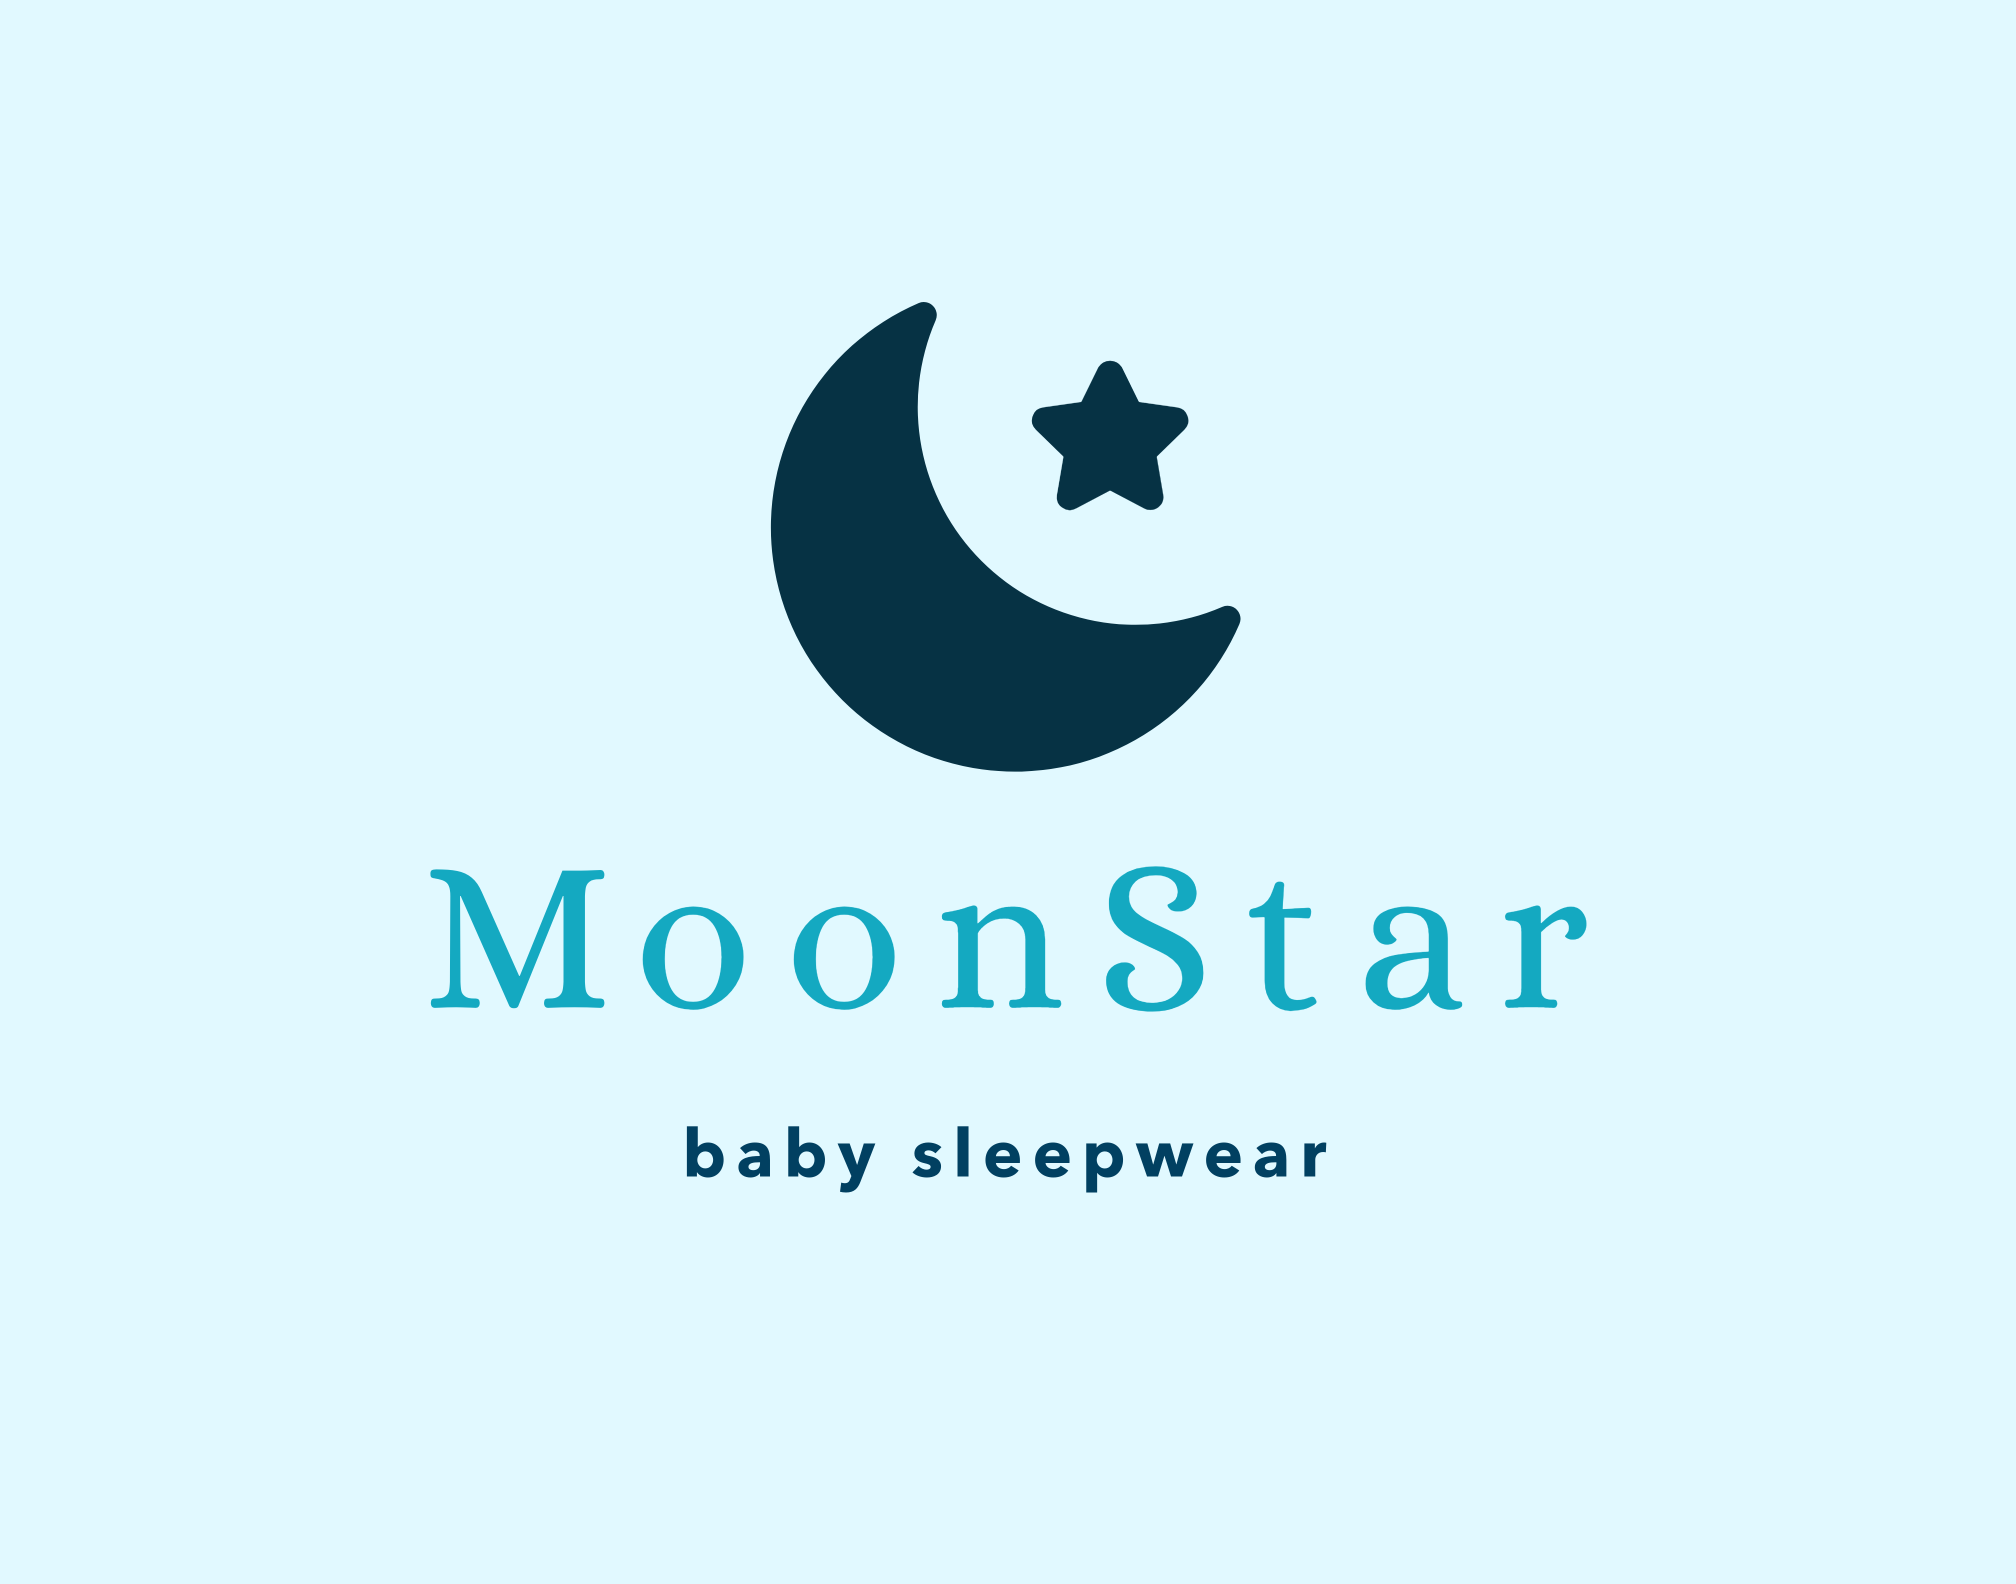 moonstarsleepwear.png